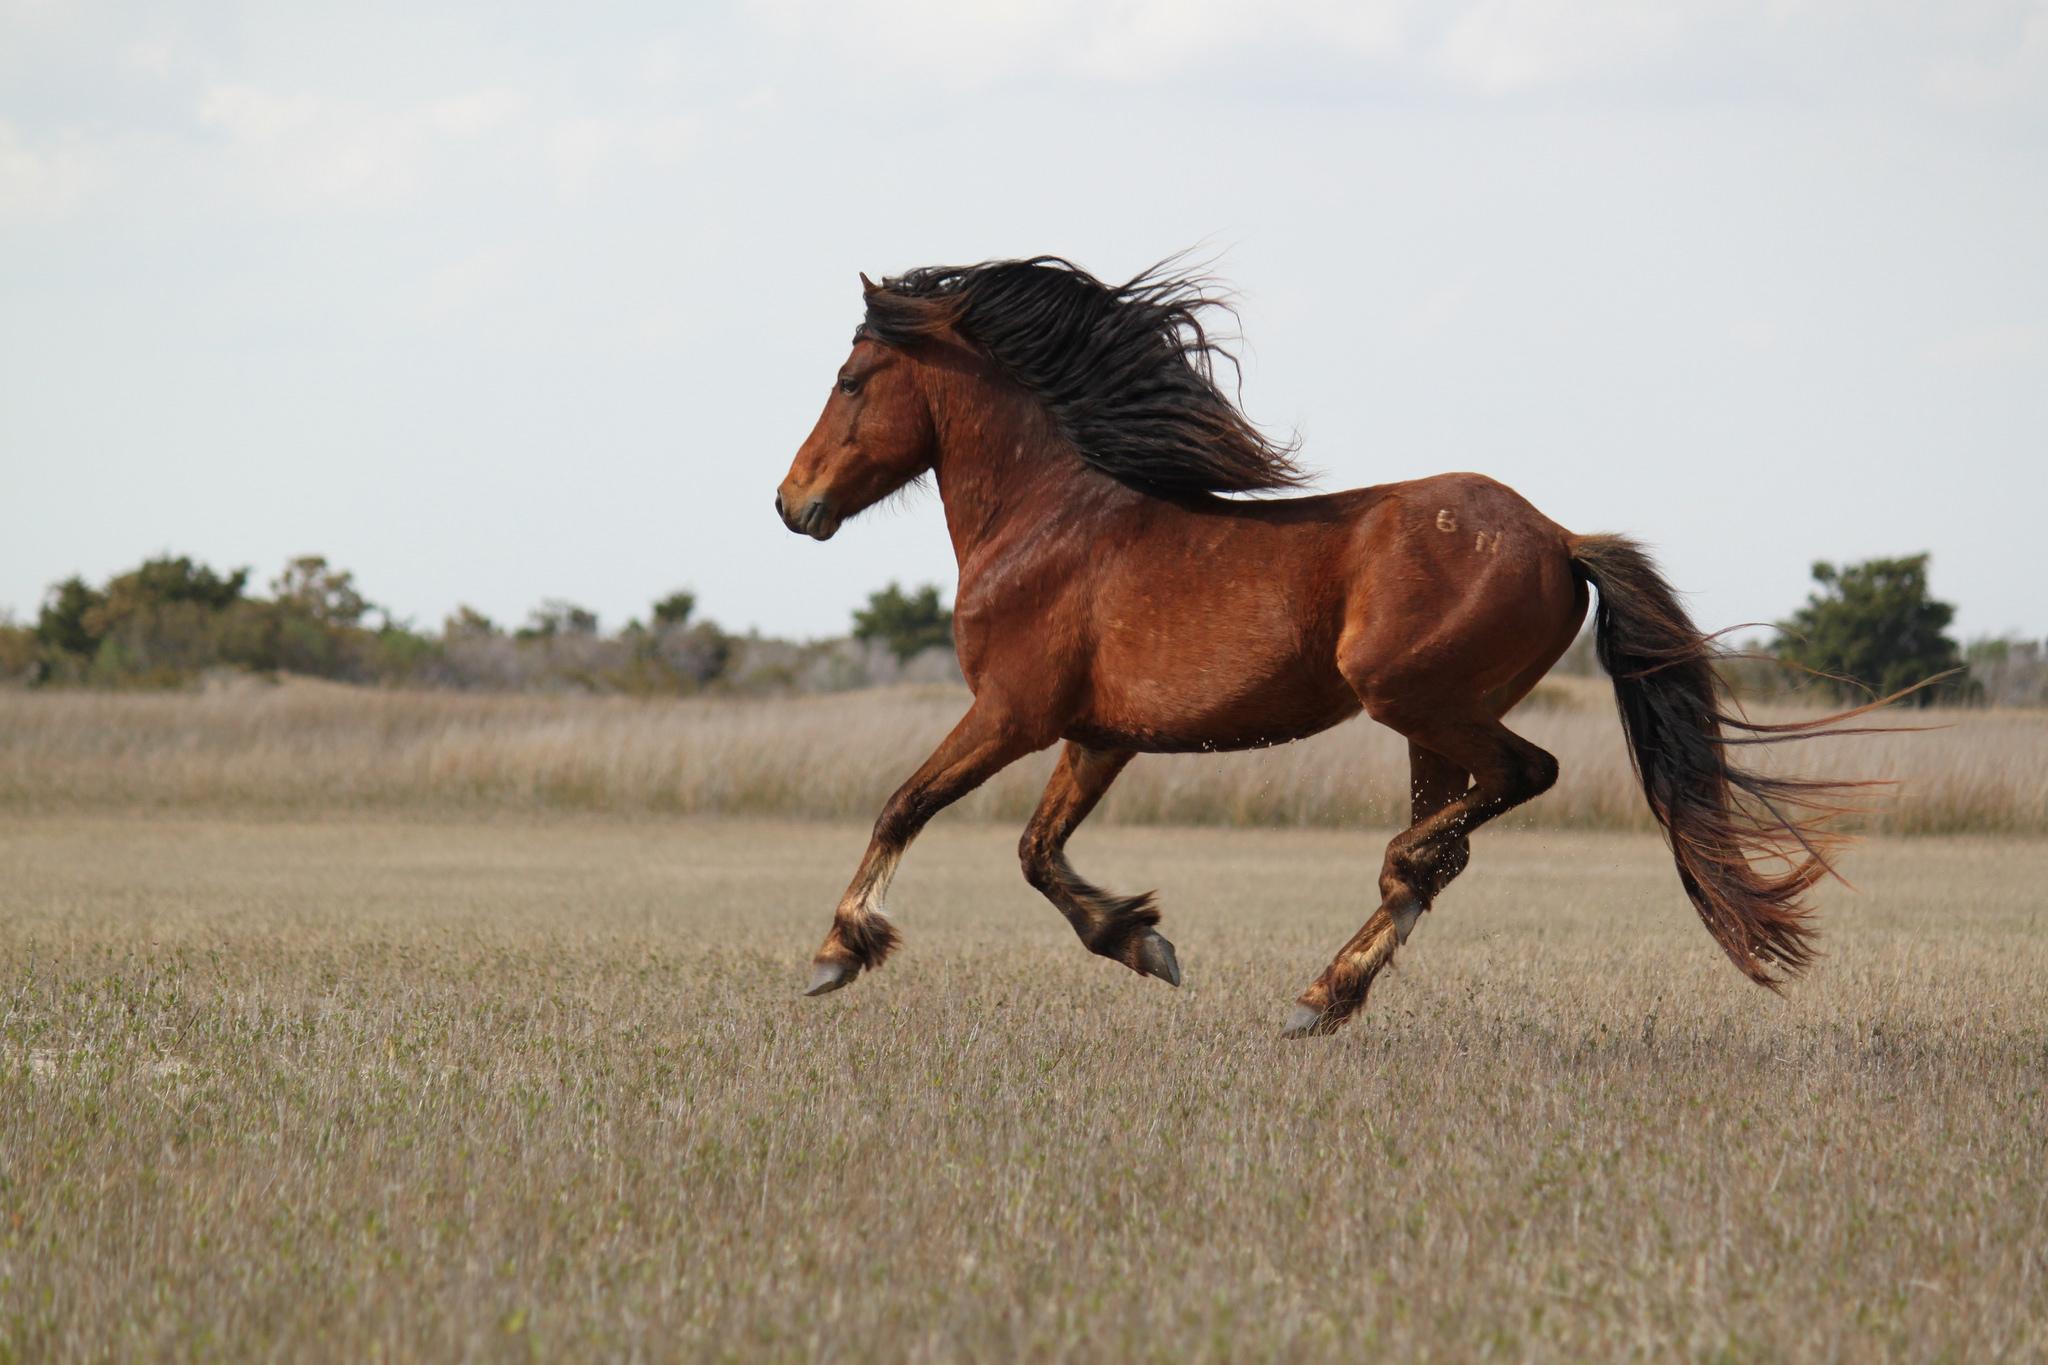 Koń jaki jest konsument widzi – odpowiedzialność przedsiębiorcy za wady zwierząt